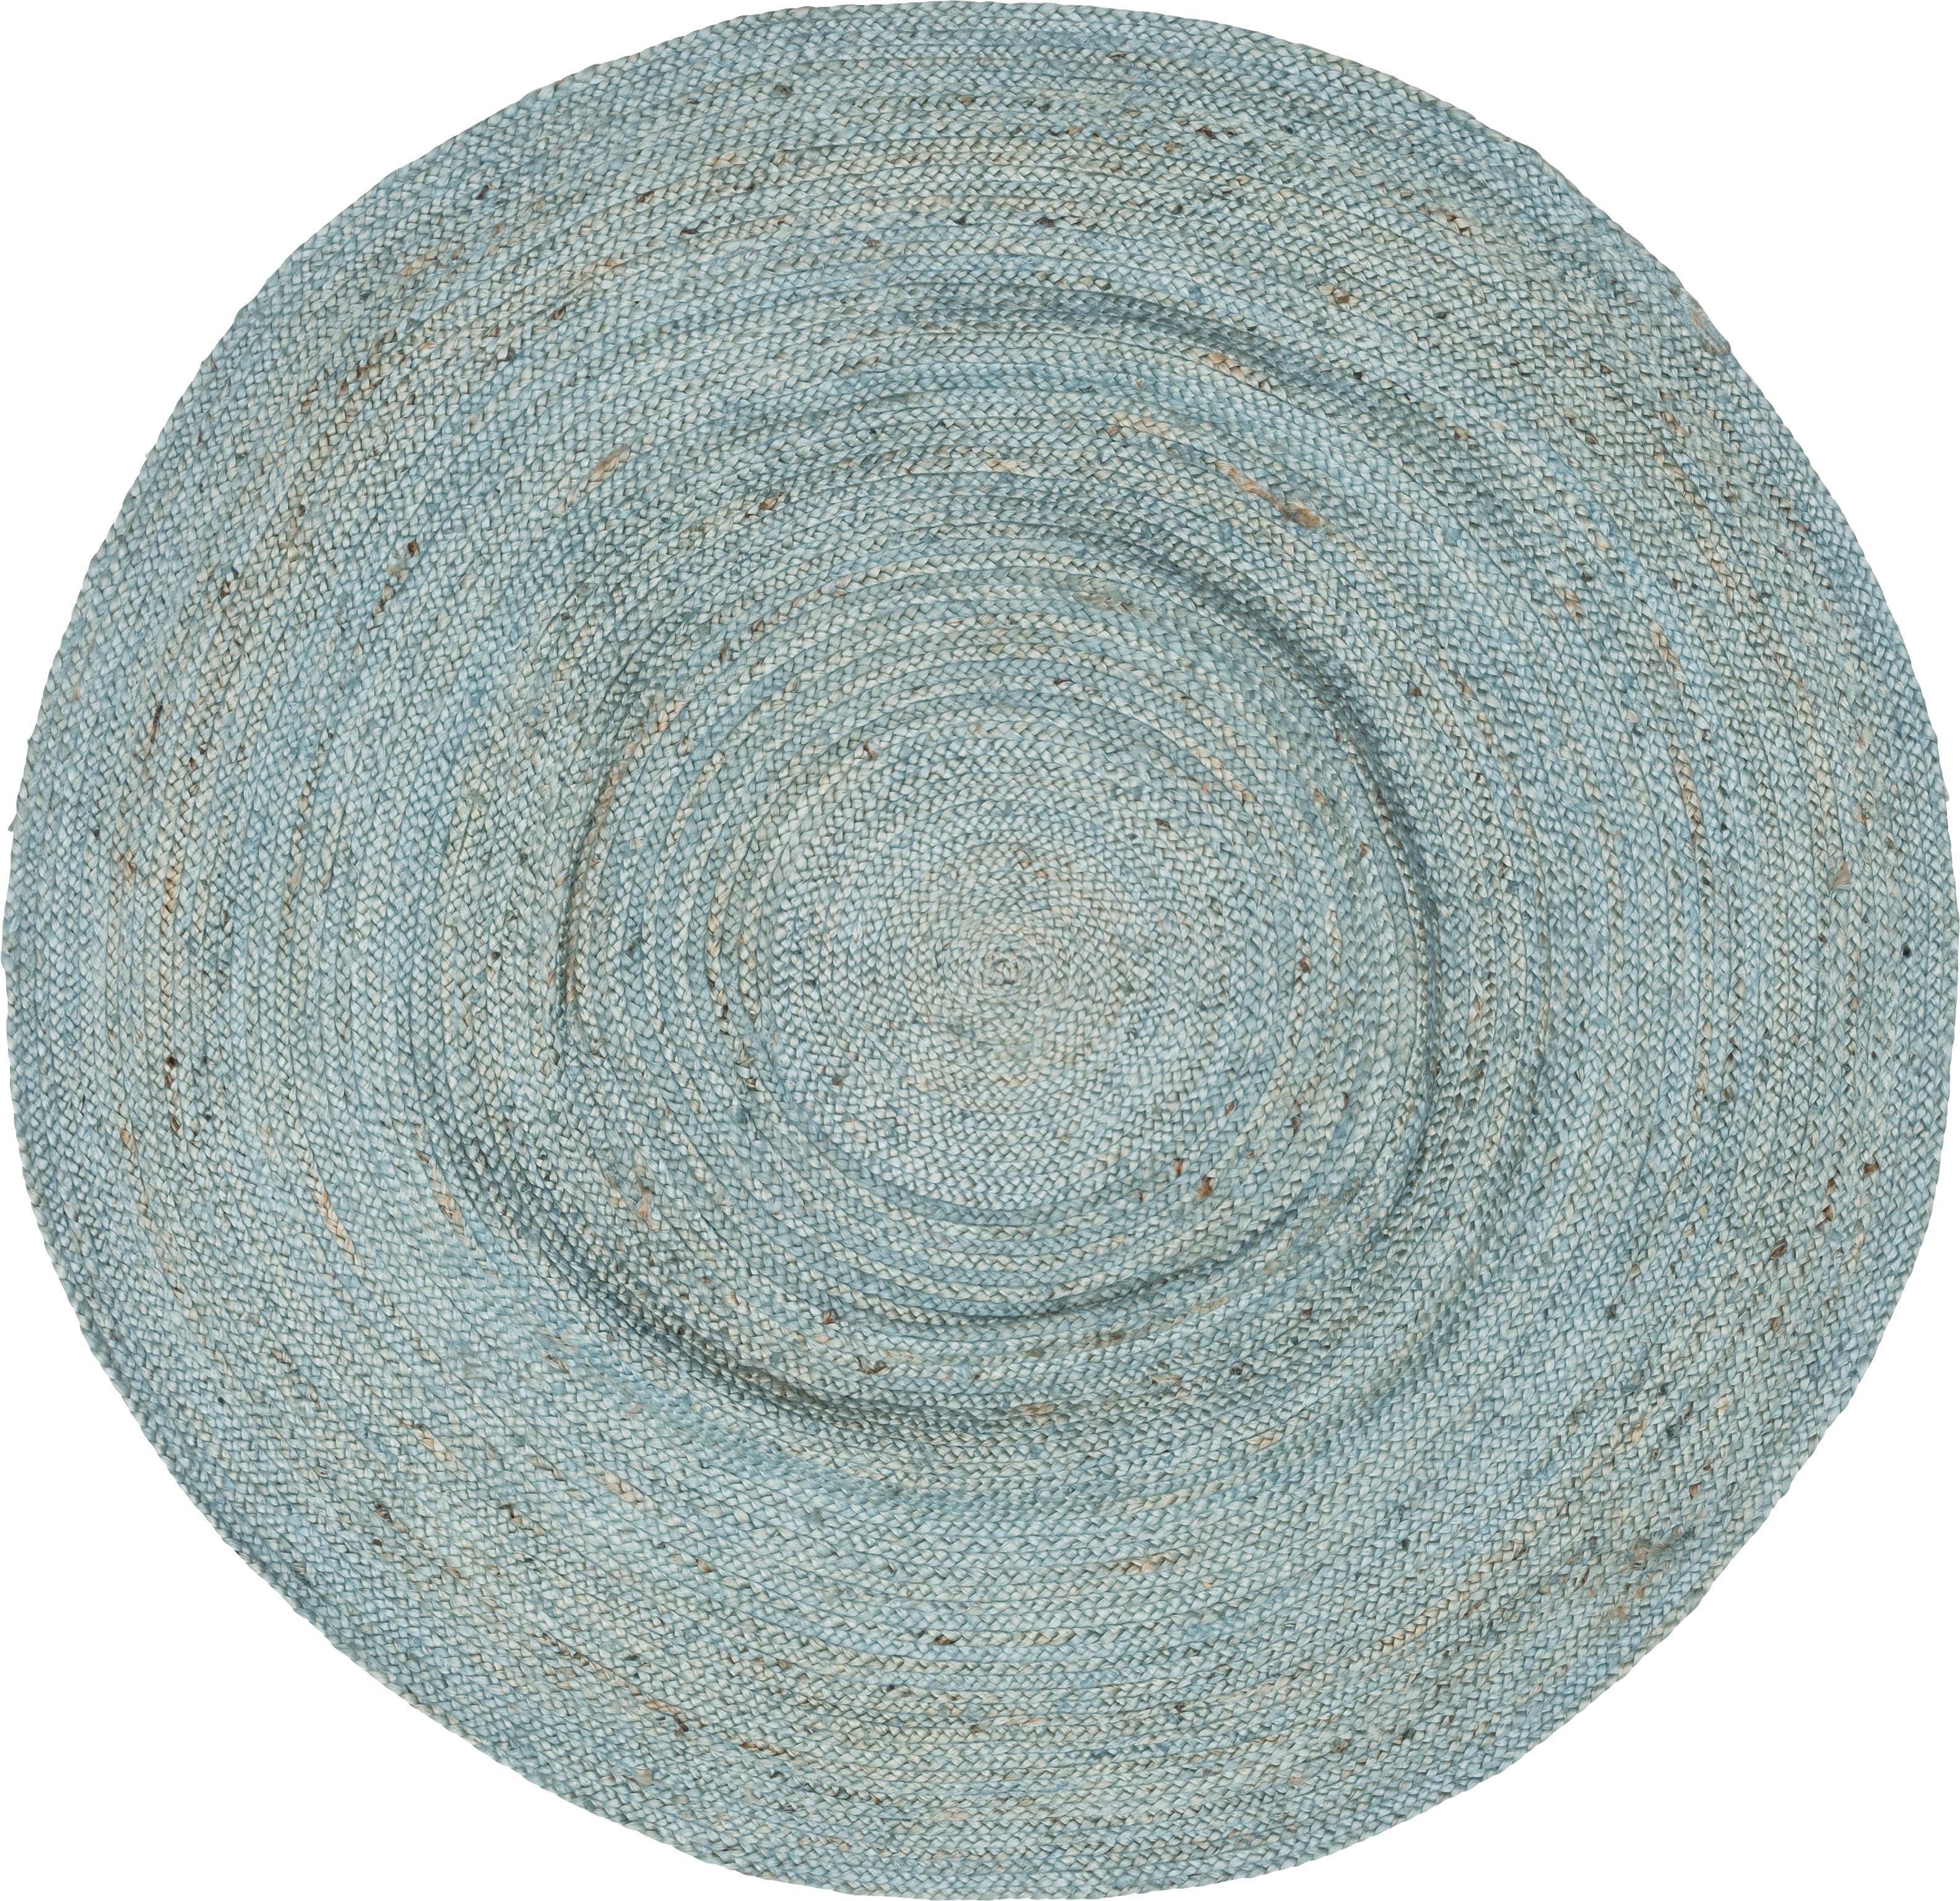 Runder Jute-Teppich Pampas in Hellblau, 100% Jute, Hellblau, Ø 150 cm (Grösse M)